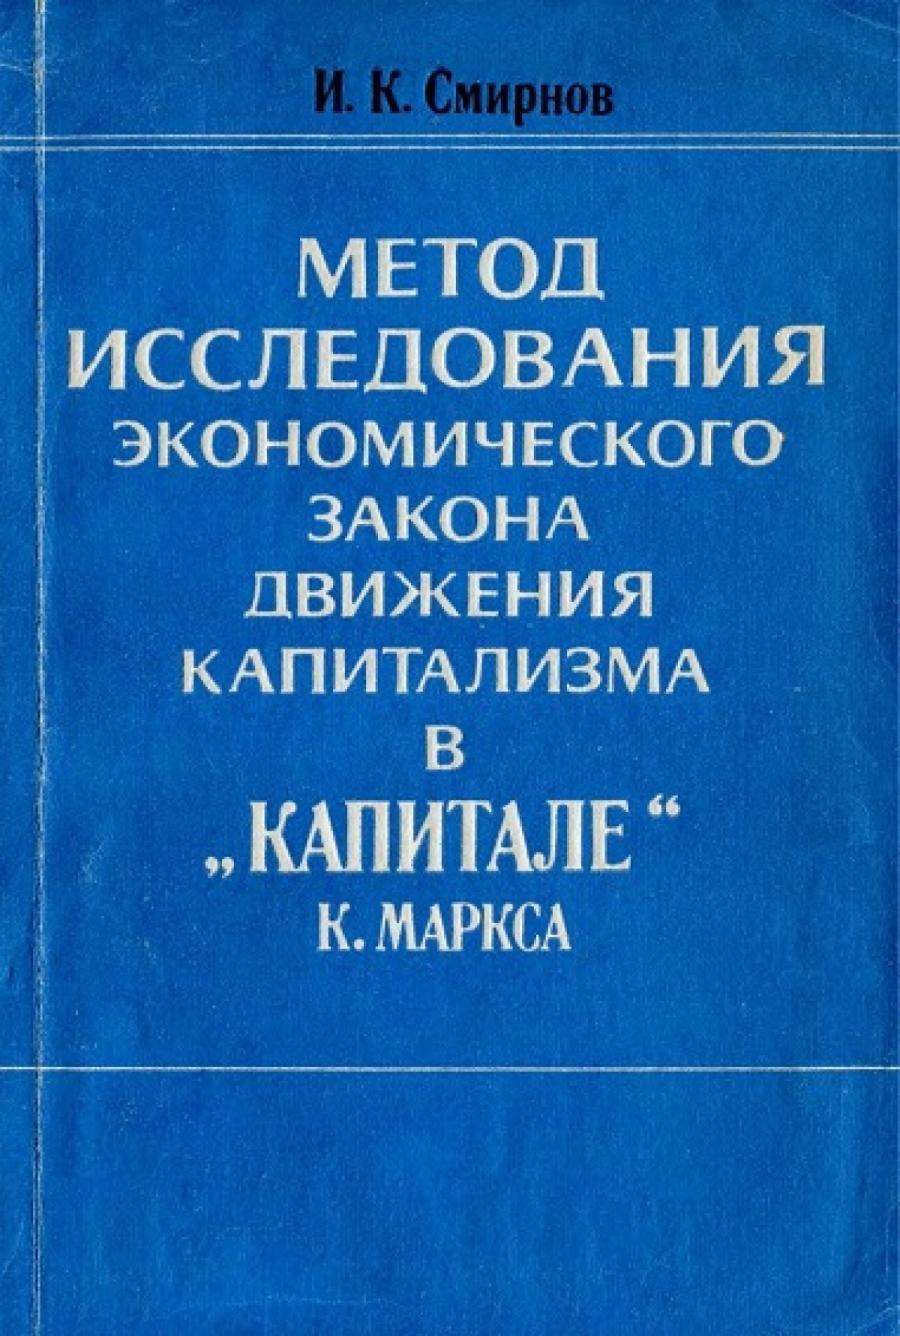 Обложка книги:  игорь константинович смирнов - метод исследования экономического закона движения капитализма в «капитале» к.маркса